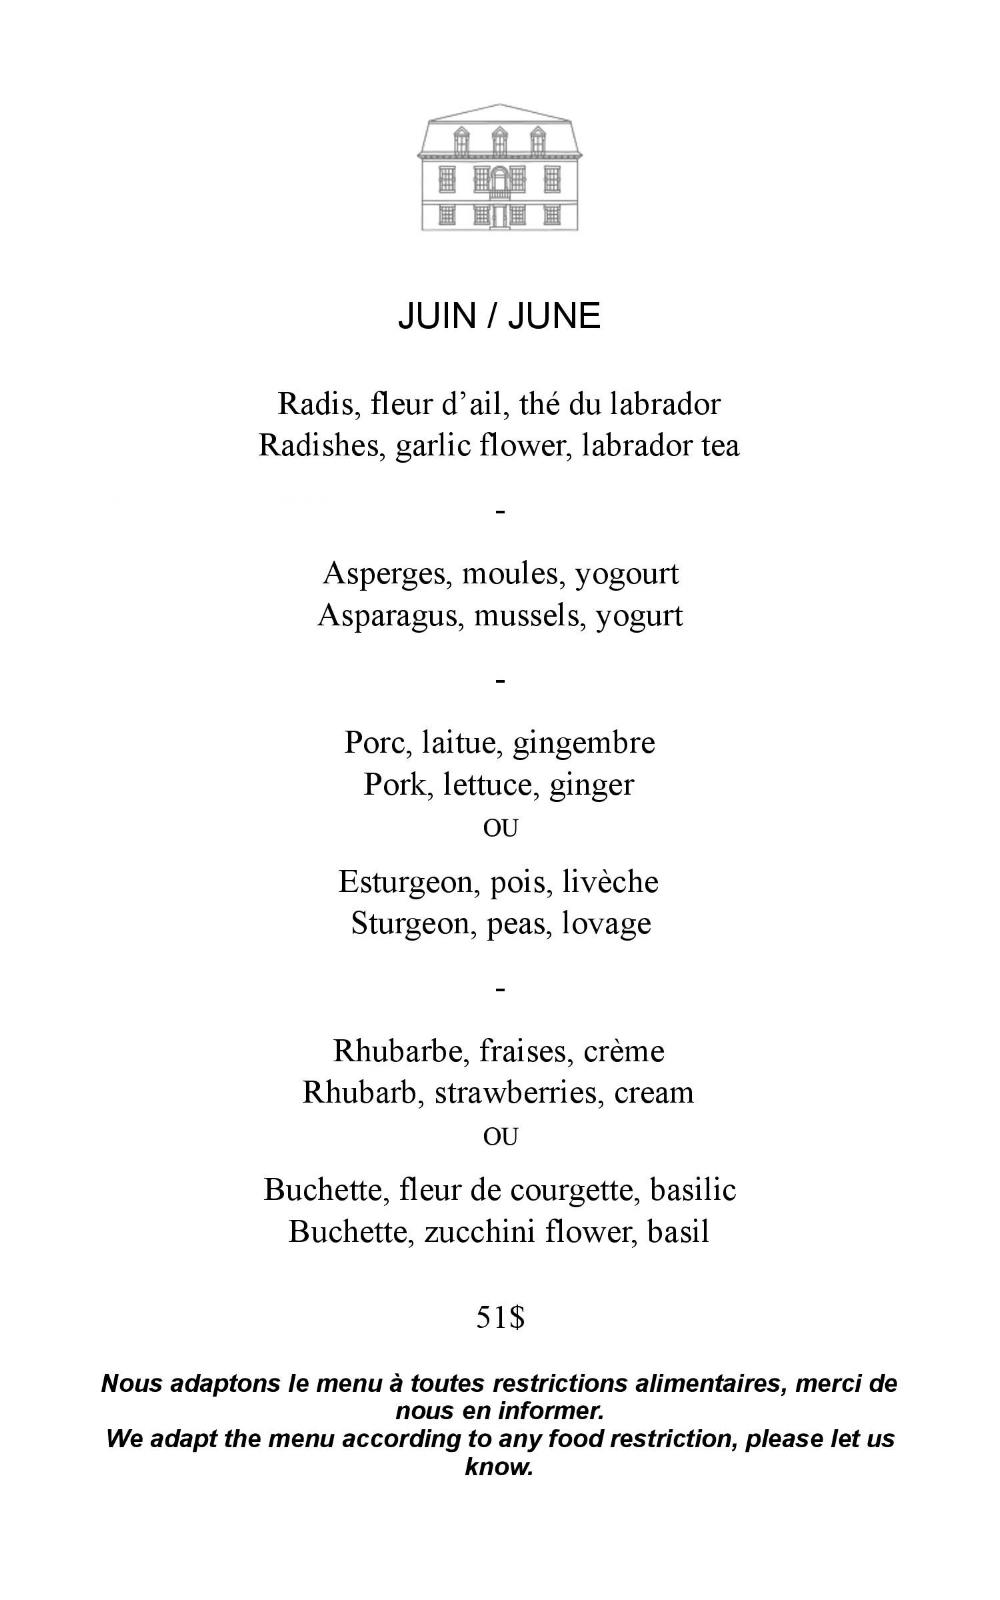 candide_menu.jpg